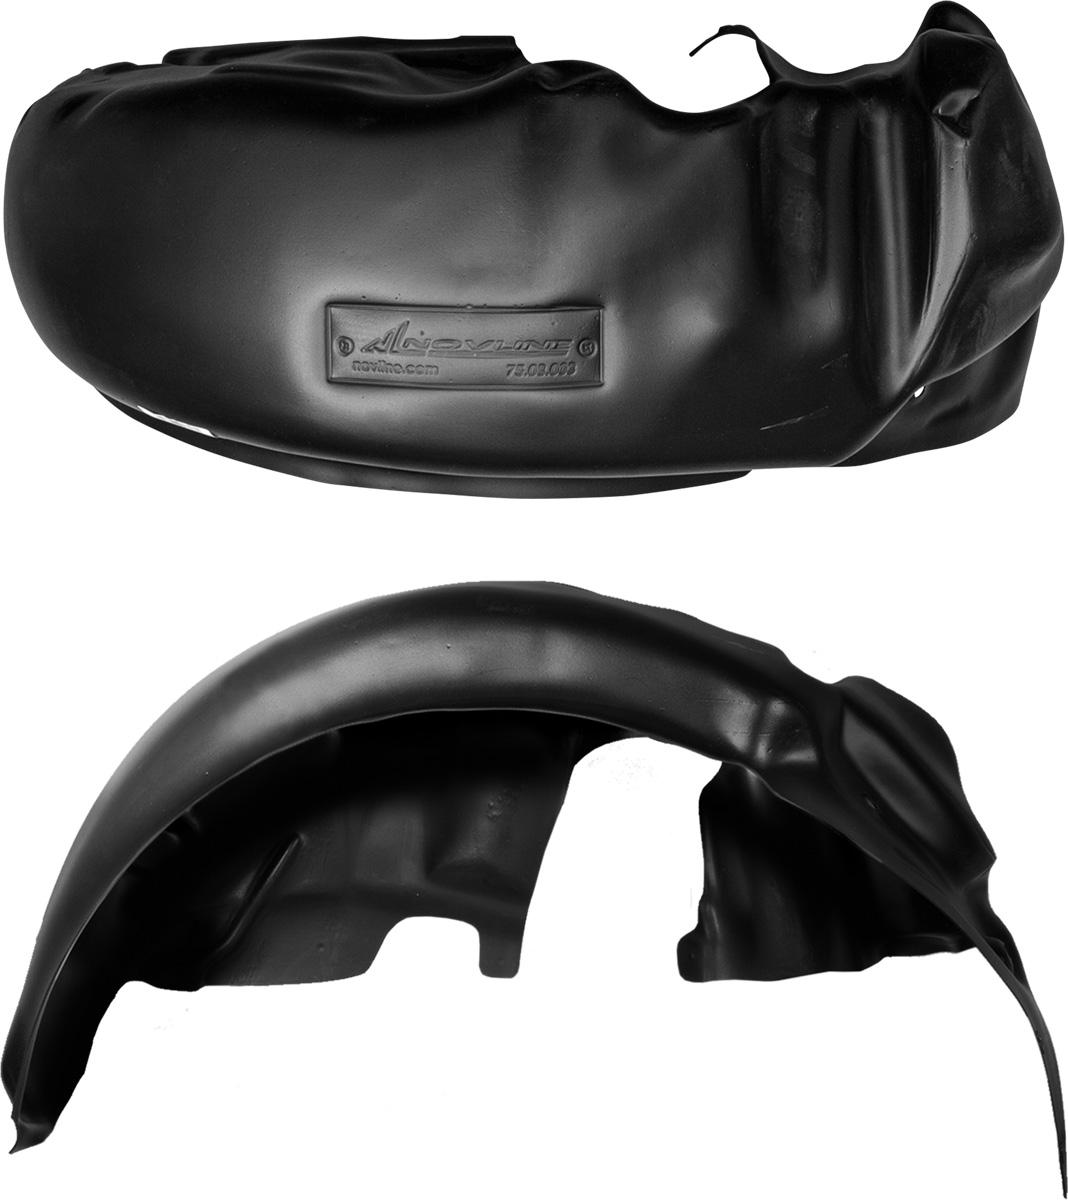 Подкрылок Novline-Autofamily, для Kia Rio, 2012-> хэтчбек, задний левыйALLDRIVE 501Колесные ниши - одни из самых уязвимых зон днища вашего автомобиля. Они постоянно подвергаются воздействию со стороны дороги. Лучшая, почти абсолютная защита для них - специально отформованные пластиковые кожухи, которые называются подкрылками. Производятся они как для отечественных моделей автомобилей, так и для иномарок. Подкрылки Novline-Autofamily выполнены из высококачественного, экологически чистого пластика. Обеспечивают надежную защиту кузова автомобиля от пескоструйного эффекта и негативного влияния, агрессивных антигололедных реагентов. Пластик обладает более низкой теплопроводностью, чем металл, поэтому в зимний период эксплуатации использование пластиковых подкрылков позволяет лучше защитить колесные ниши от налипания снега и образования наледи. Оригинальность конструкции подчеркивает элегантность автомобиля, бережно защищает нанесенное на днище кузова антикоррозийное покрытие и позволяет осуществить крепление подкрылков внутри колесной арки практически без дополнительного крепежа и сверления, не нарушая при этом лакокрасочного покрытия, что предотвращает возникновение новых очагов коррозии. Подкрылки долговечны, обладают высокой прочностью и сохраняют заданную форму, а также все свои физико-механические характеристики в самых тяжелых климатических условиях (от -50°С до +50°С).Уважаемые клиенты!Обращаем ваше внимание, на тот факт, что подкрылок имеет форму, соответствующую модели данного автомобиля. Фото служит для визуального восприятия товара.